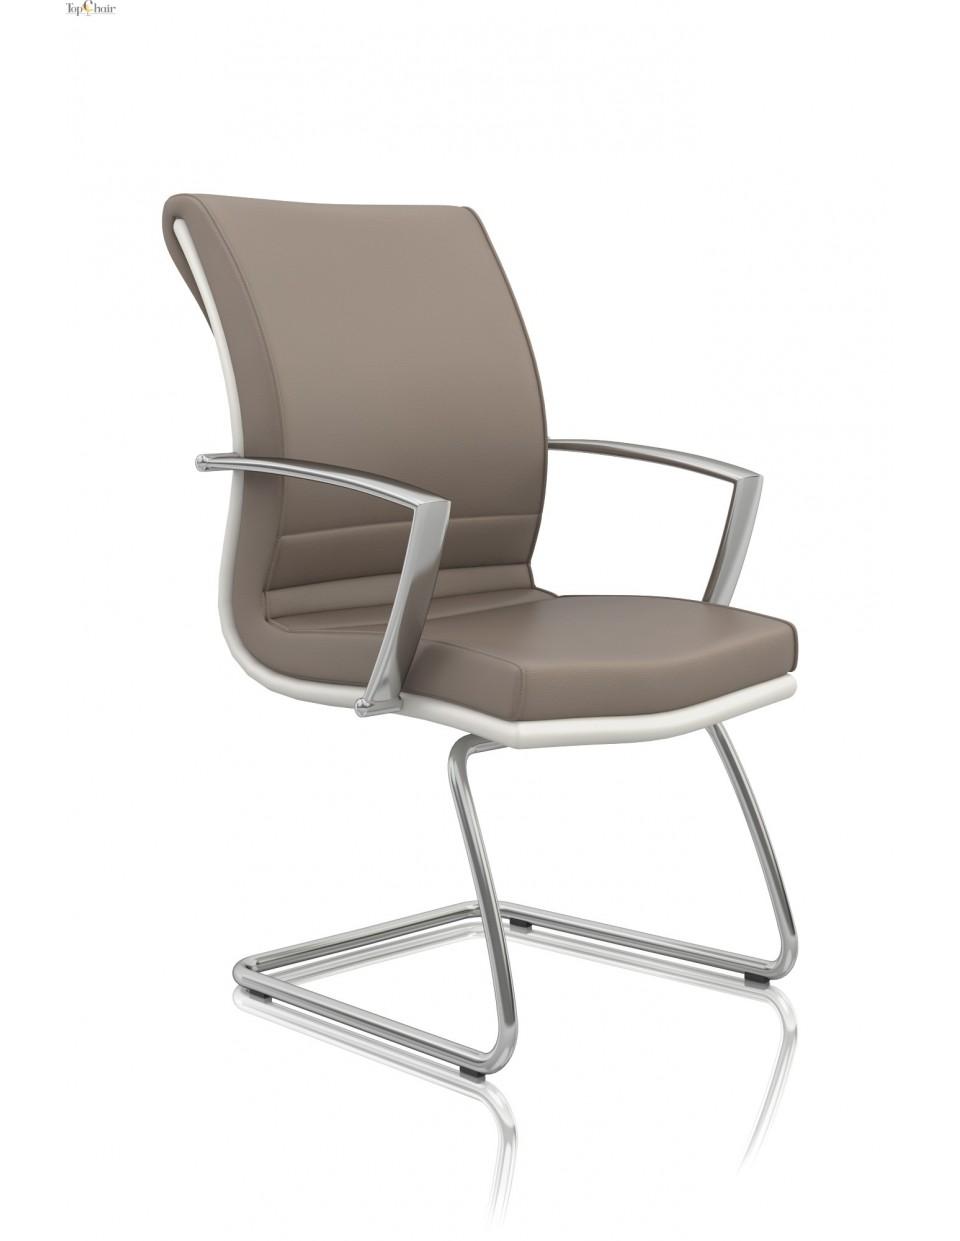 7950s-ewe-fotelja